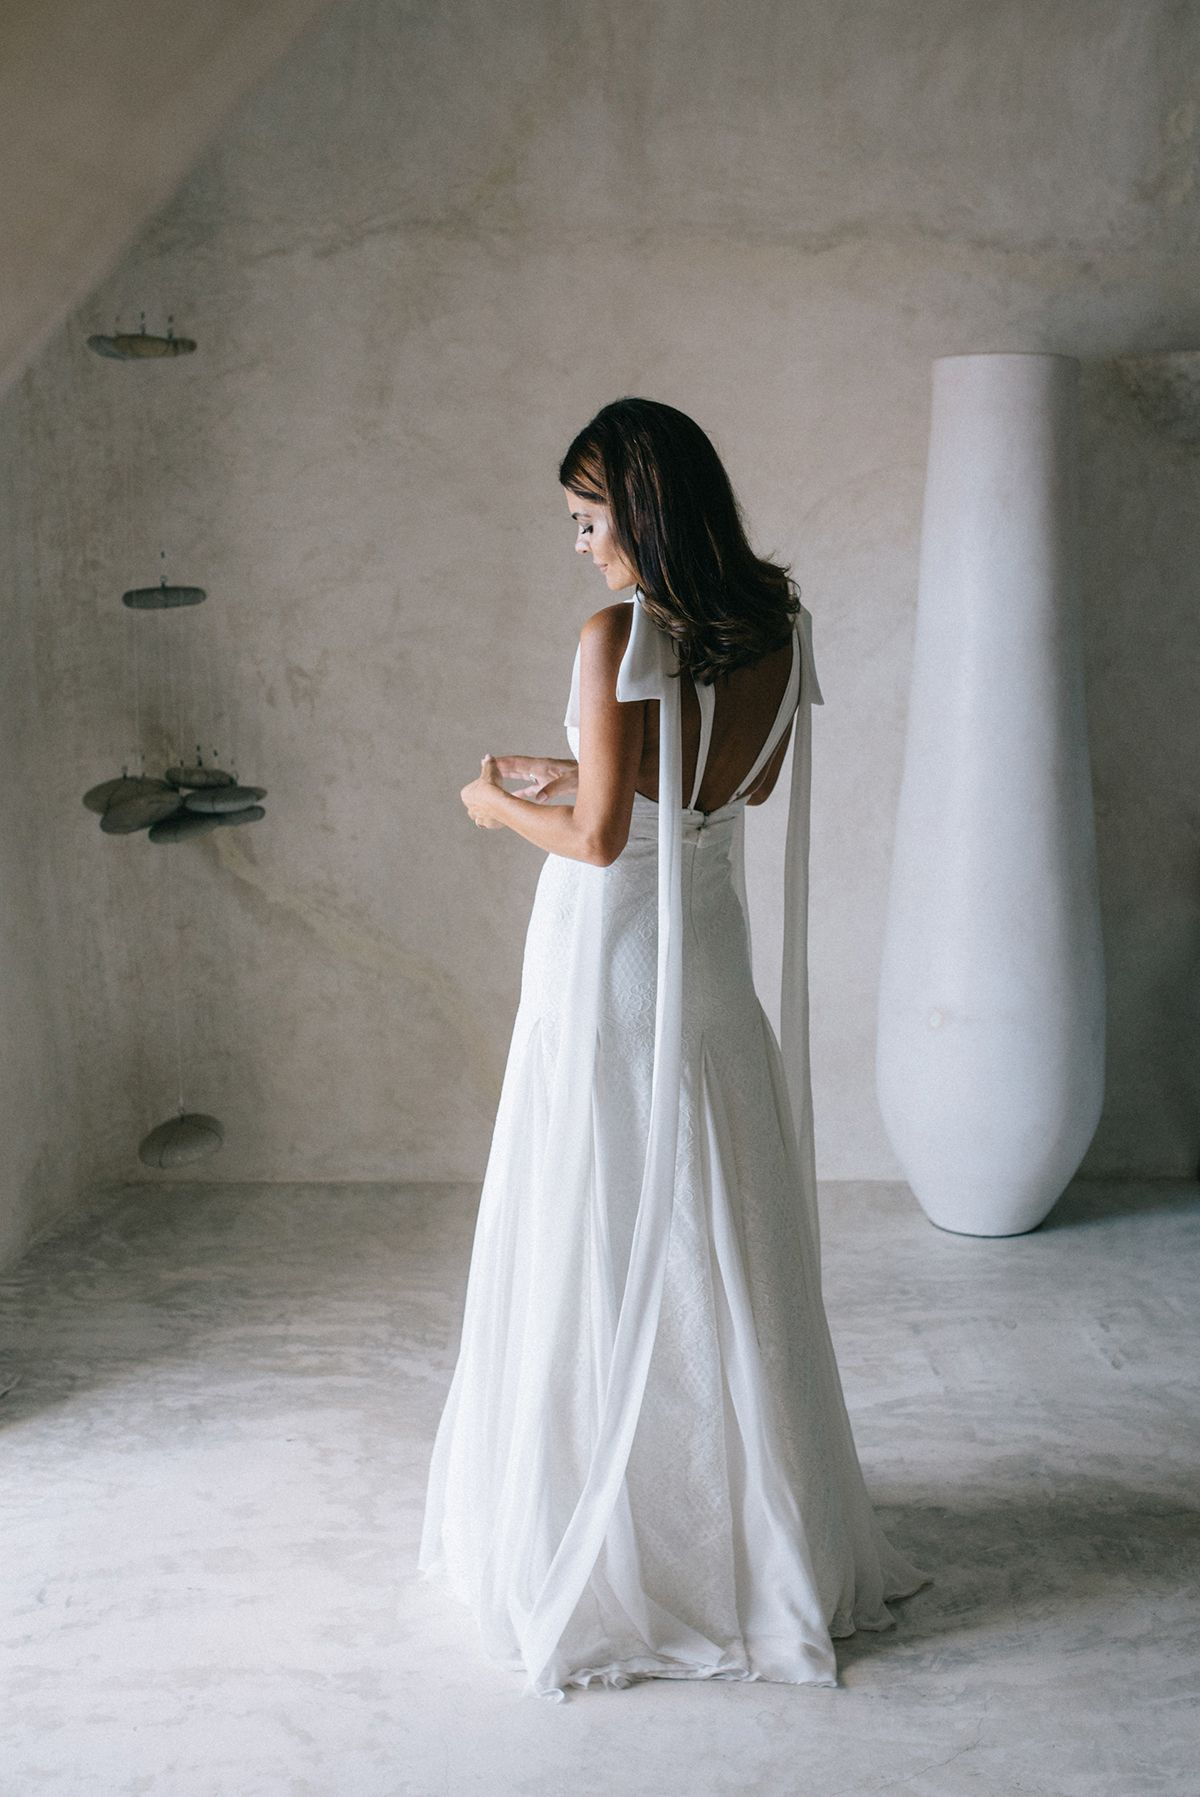 La boda de María José Suárez y Jordi Nieto en Santorini